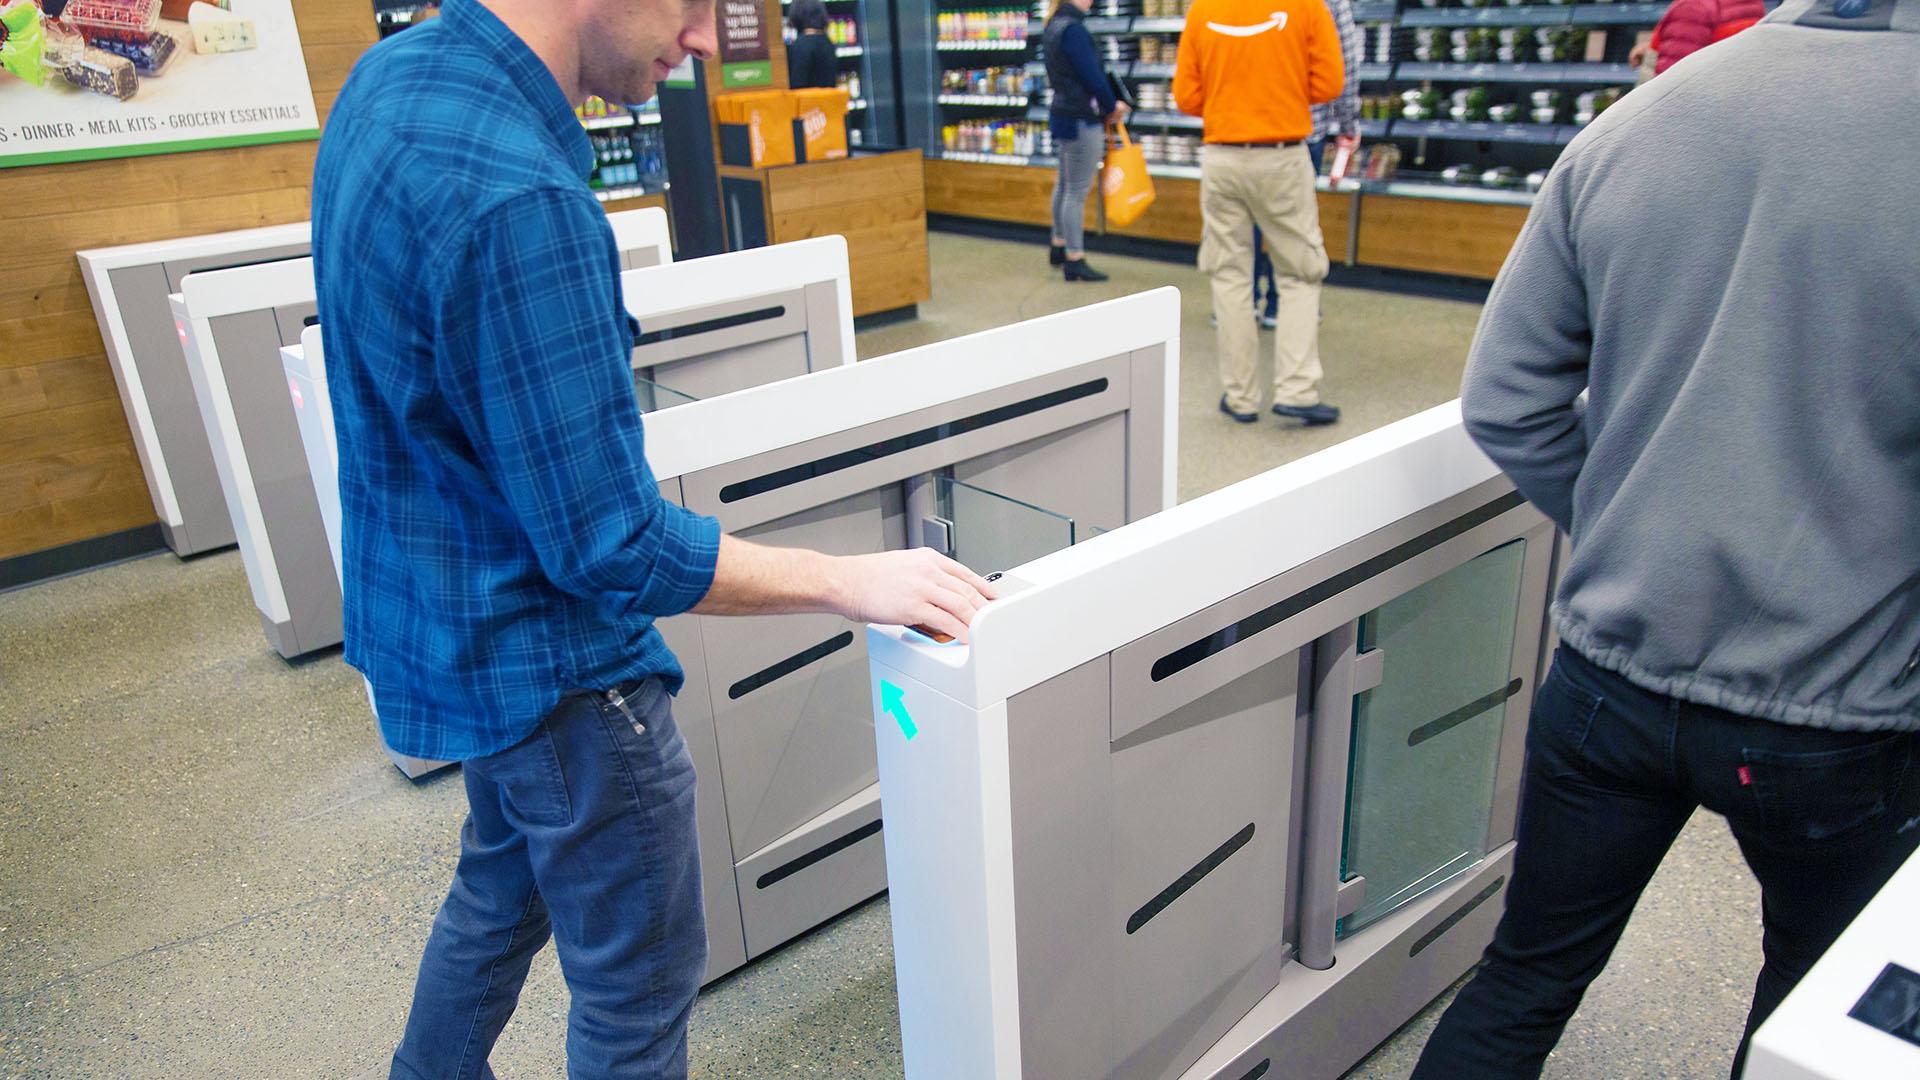 Supermercati senza casse: Amazon Go, Conad e gli altri